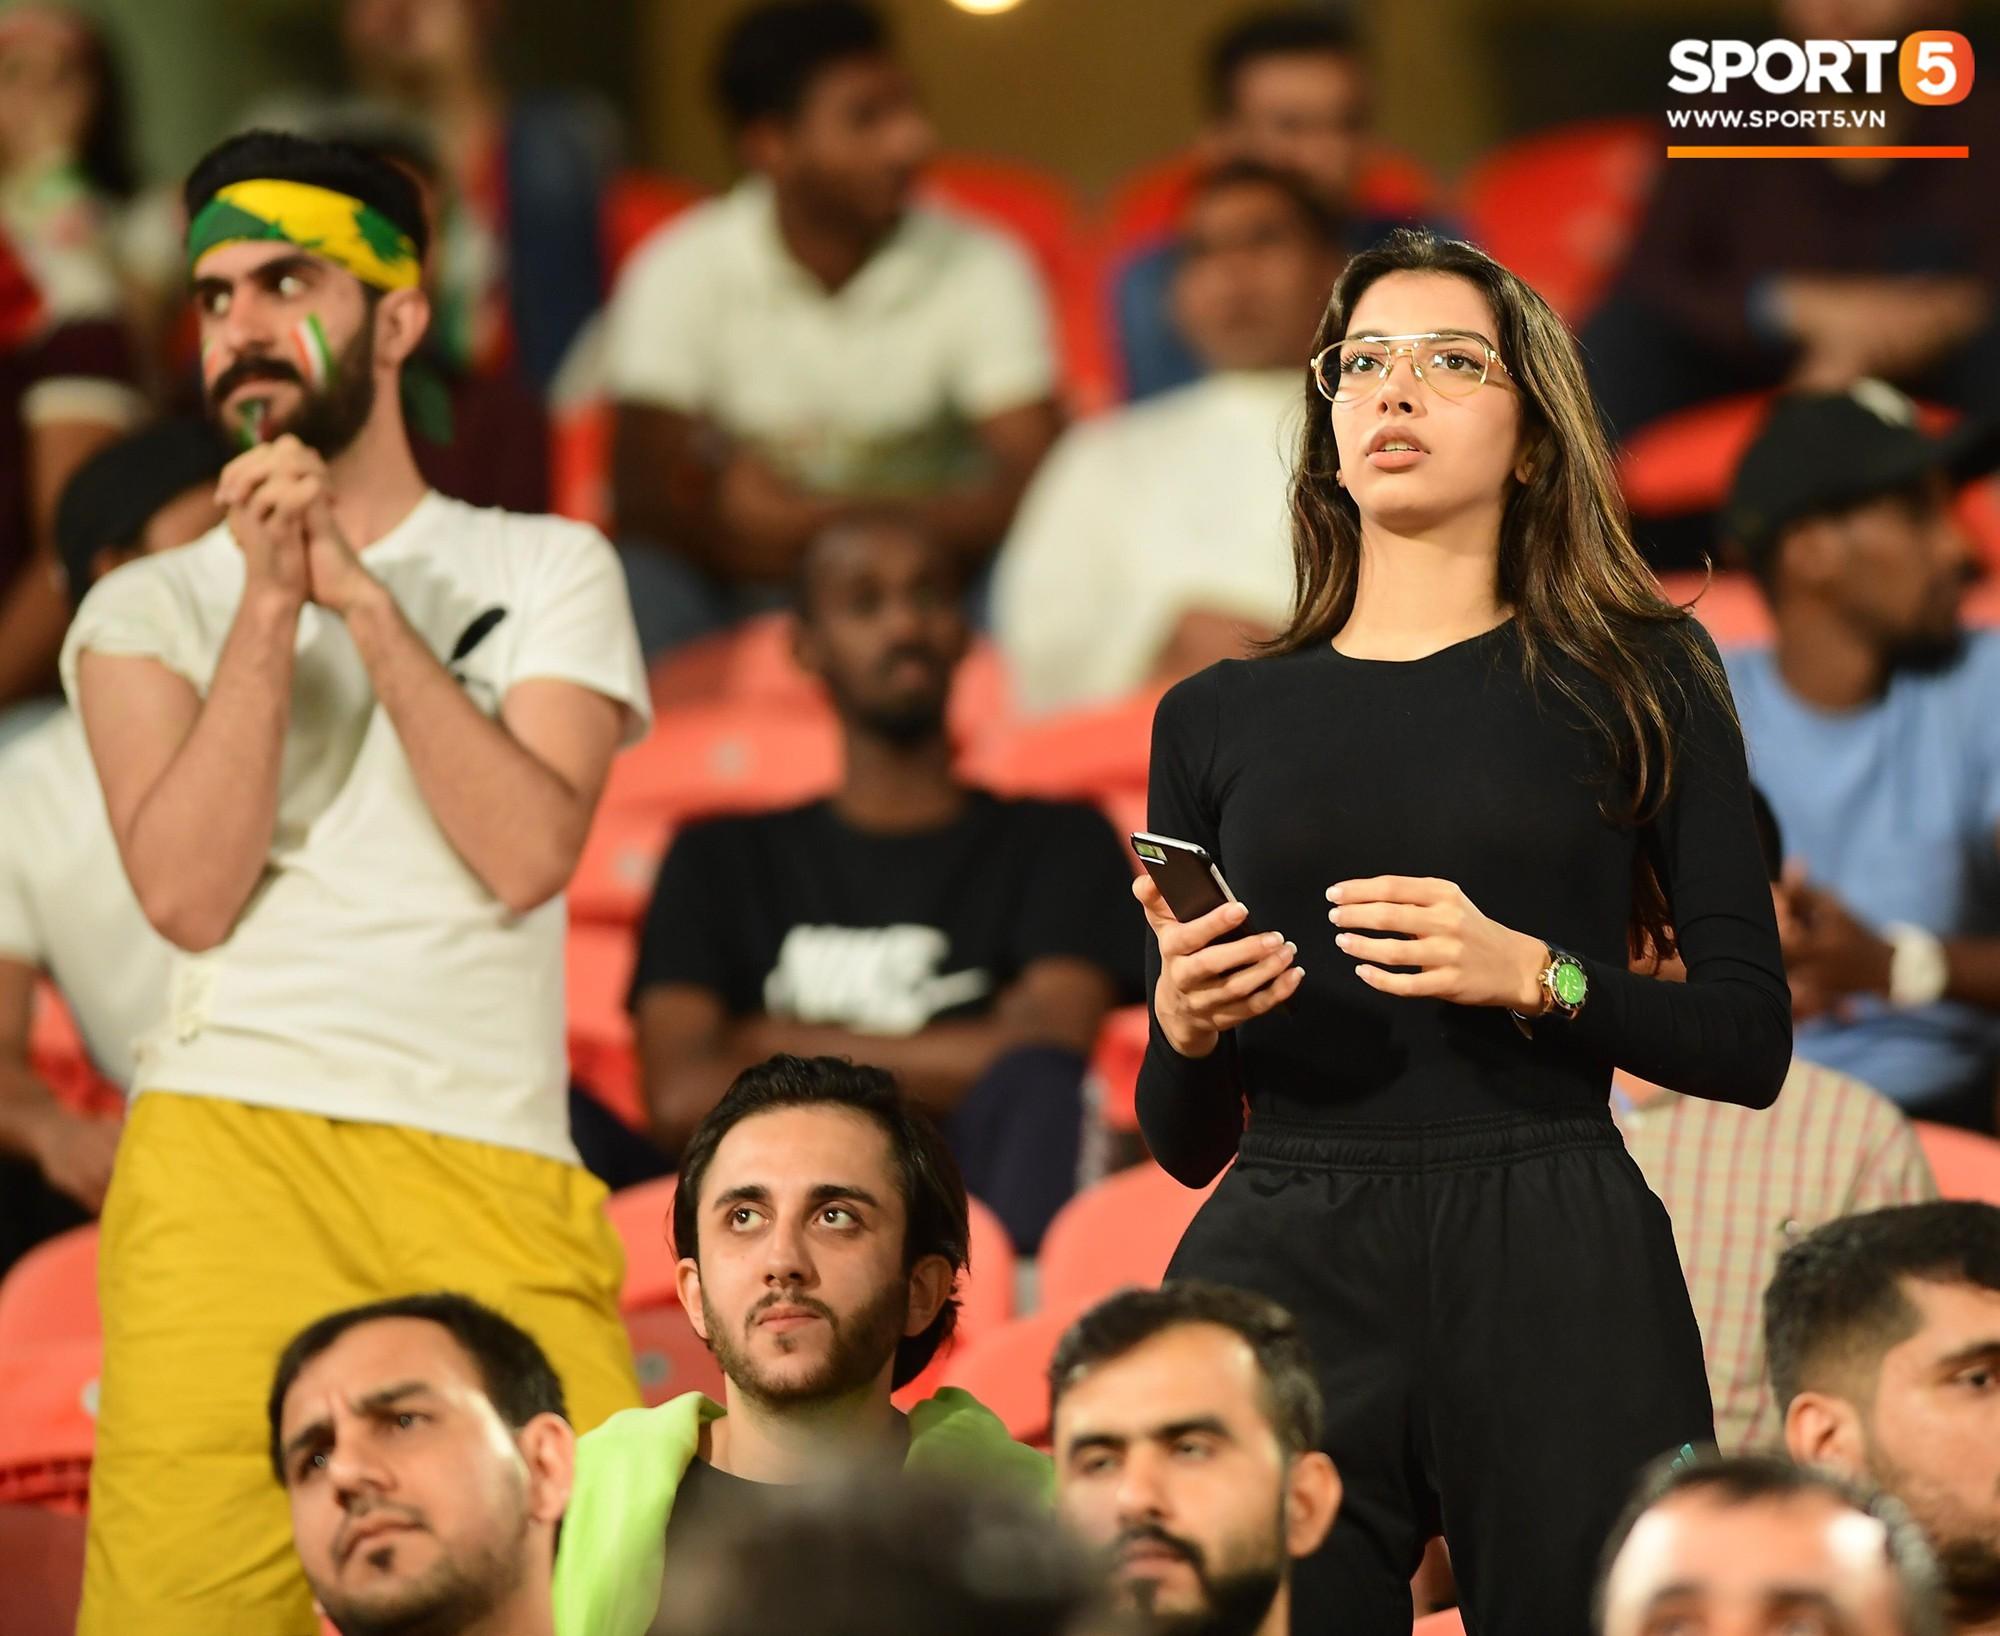 Ngất ngây với vẻ đẹp của fangirl Iran trong ngày đội nhà giành chiến thắng đậm trước Yemen - Ảnh 7.